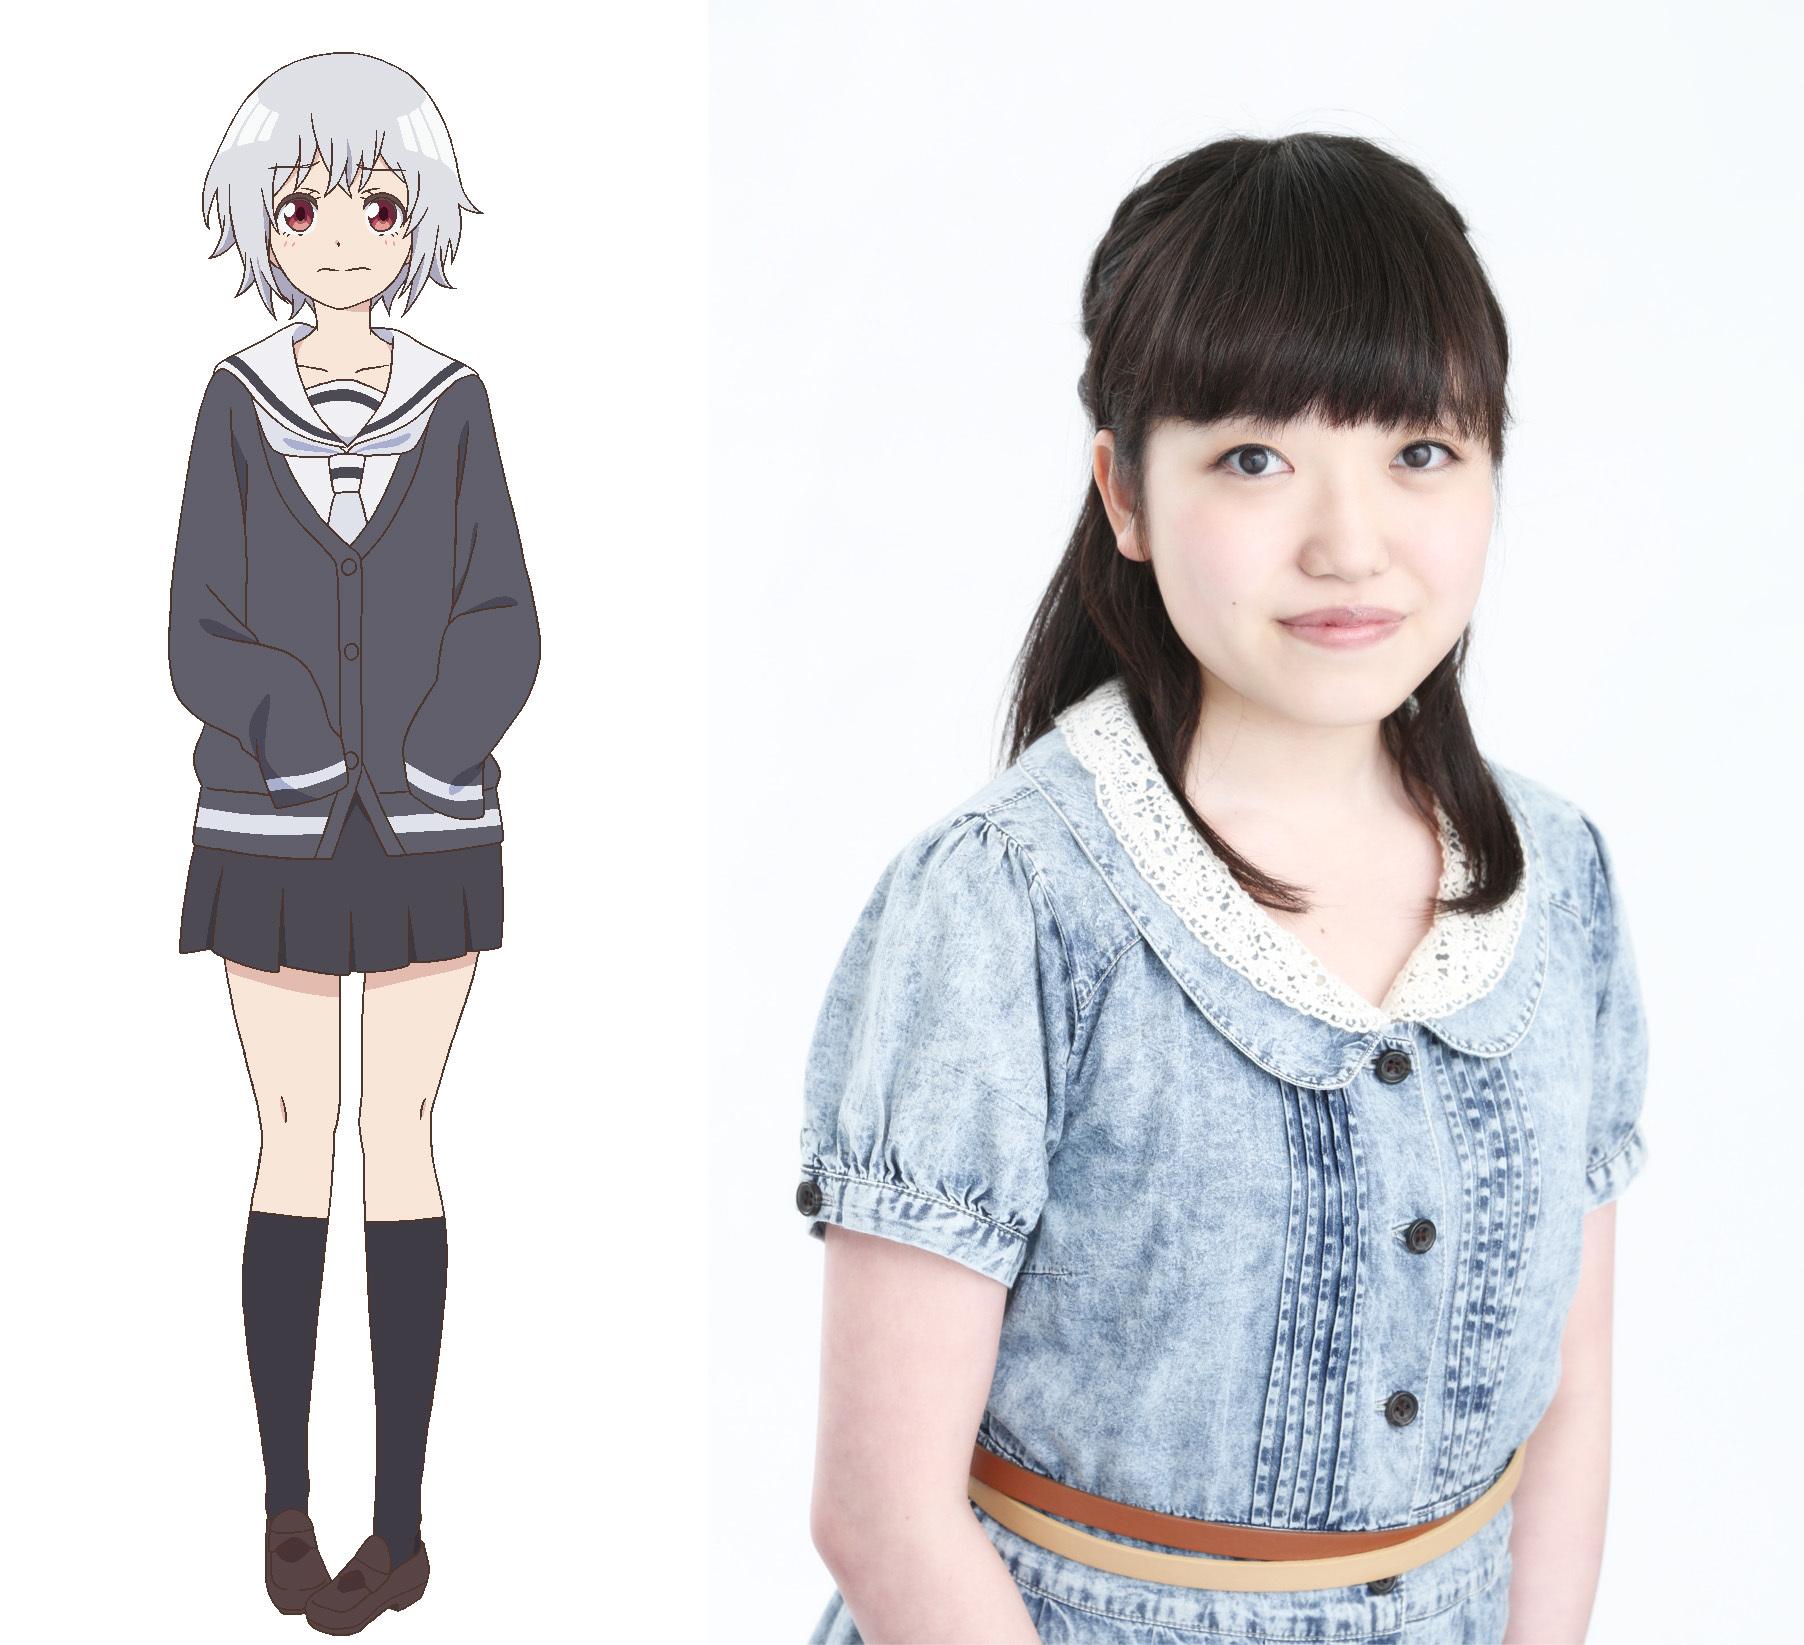 矢工部キノ CV:久野美咲 柄井高校の1年生。美術部所属。なりたい顔はスケッチブックに描いて表現する女の子。